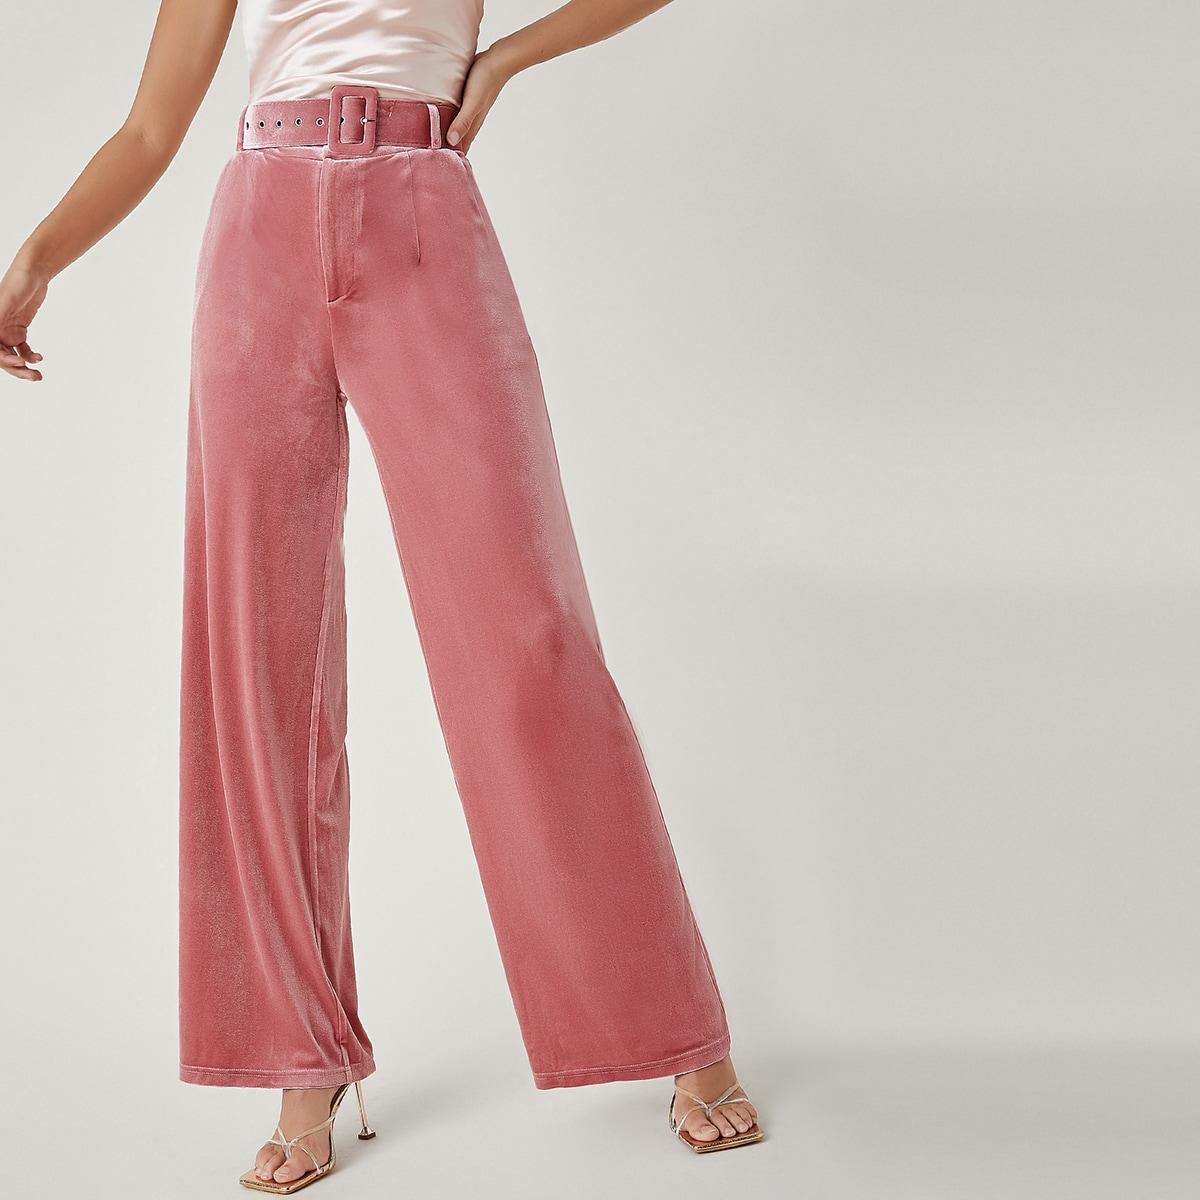 SHEIN / Einfarbige Samt Hose mit Schnalle und Gürtel